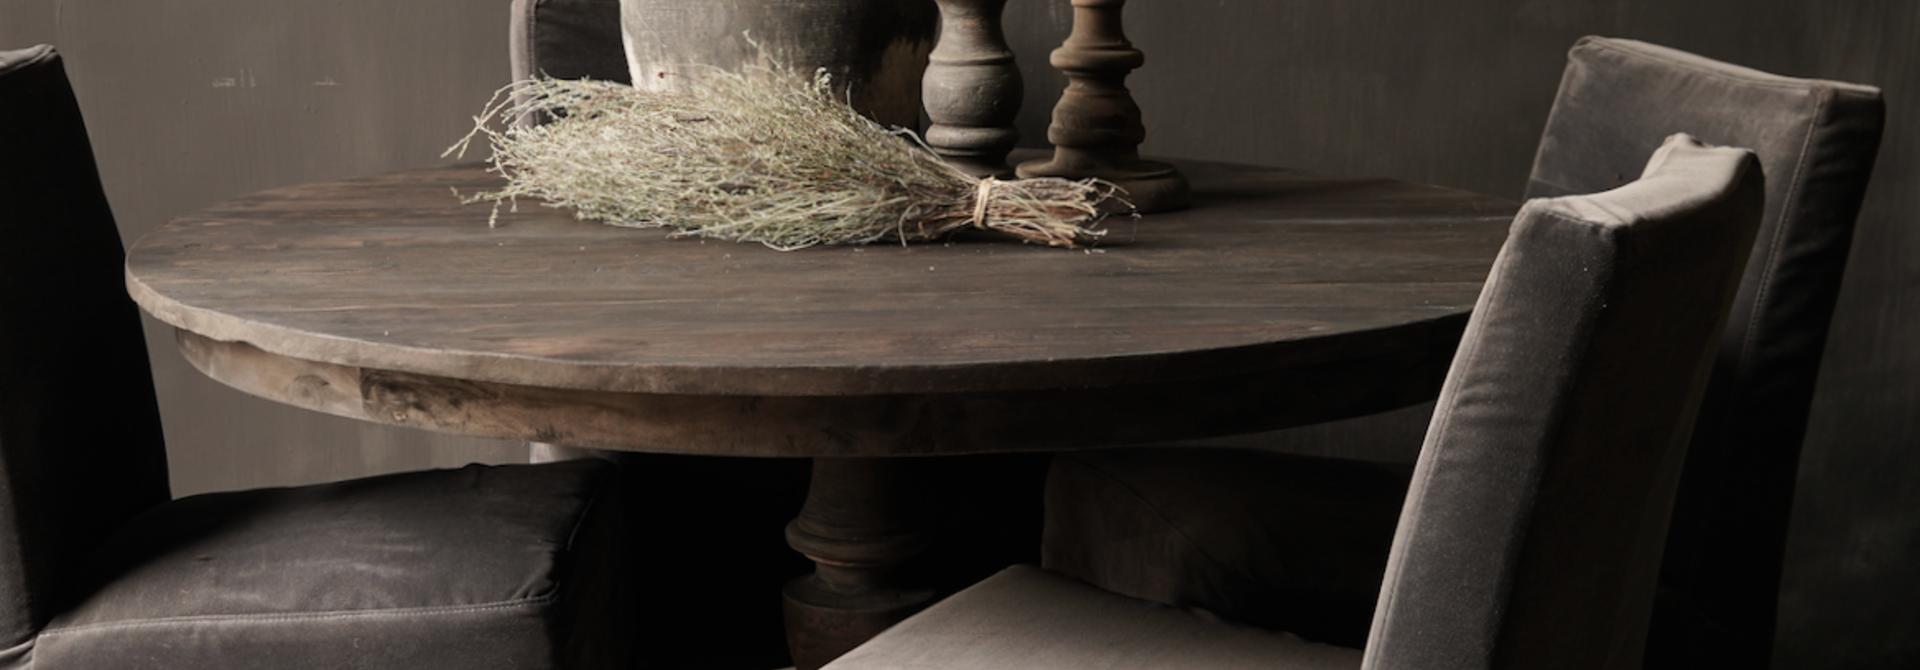 Robuster runder Tisch aus altem gebrauchtem Holz